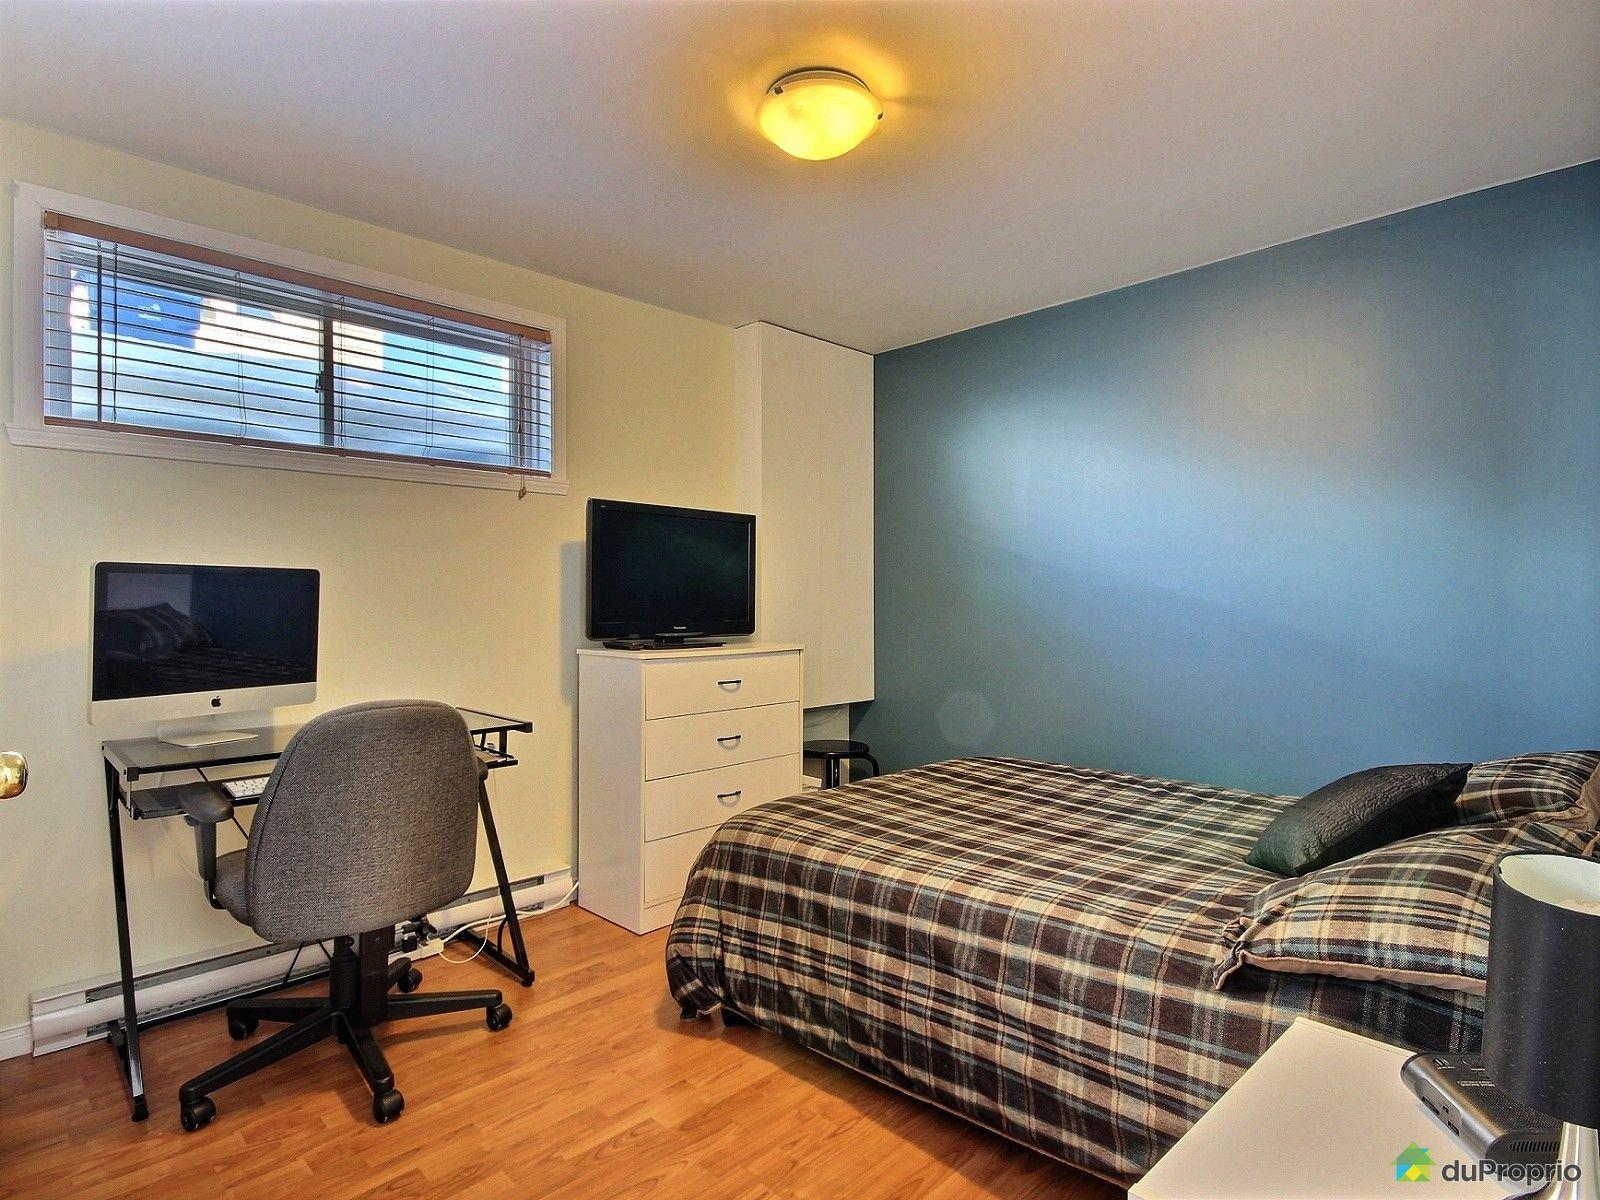 bi g n ration vendu st mile immobilier qu bec. Black Bedroom Furniture Sets. Home Design Ideas